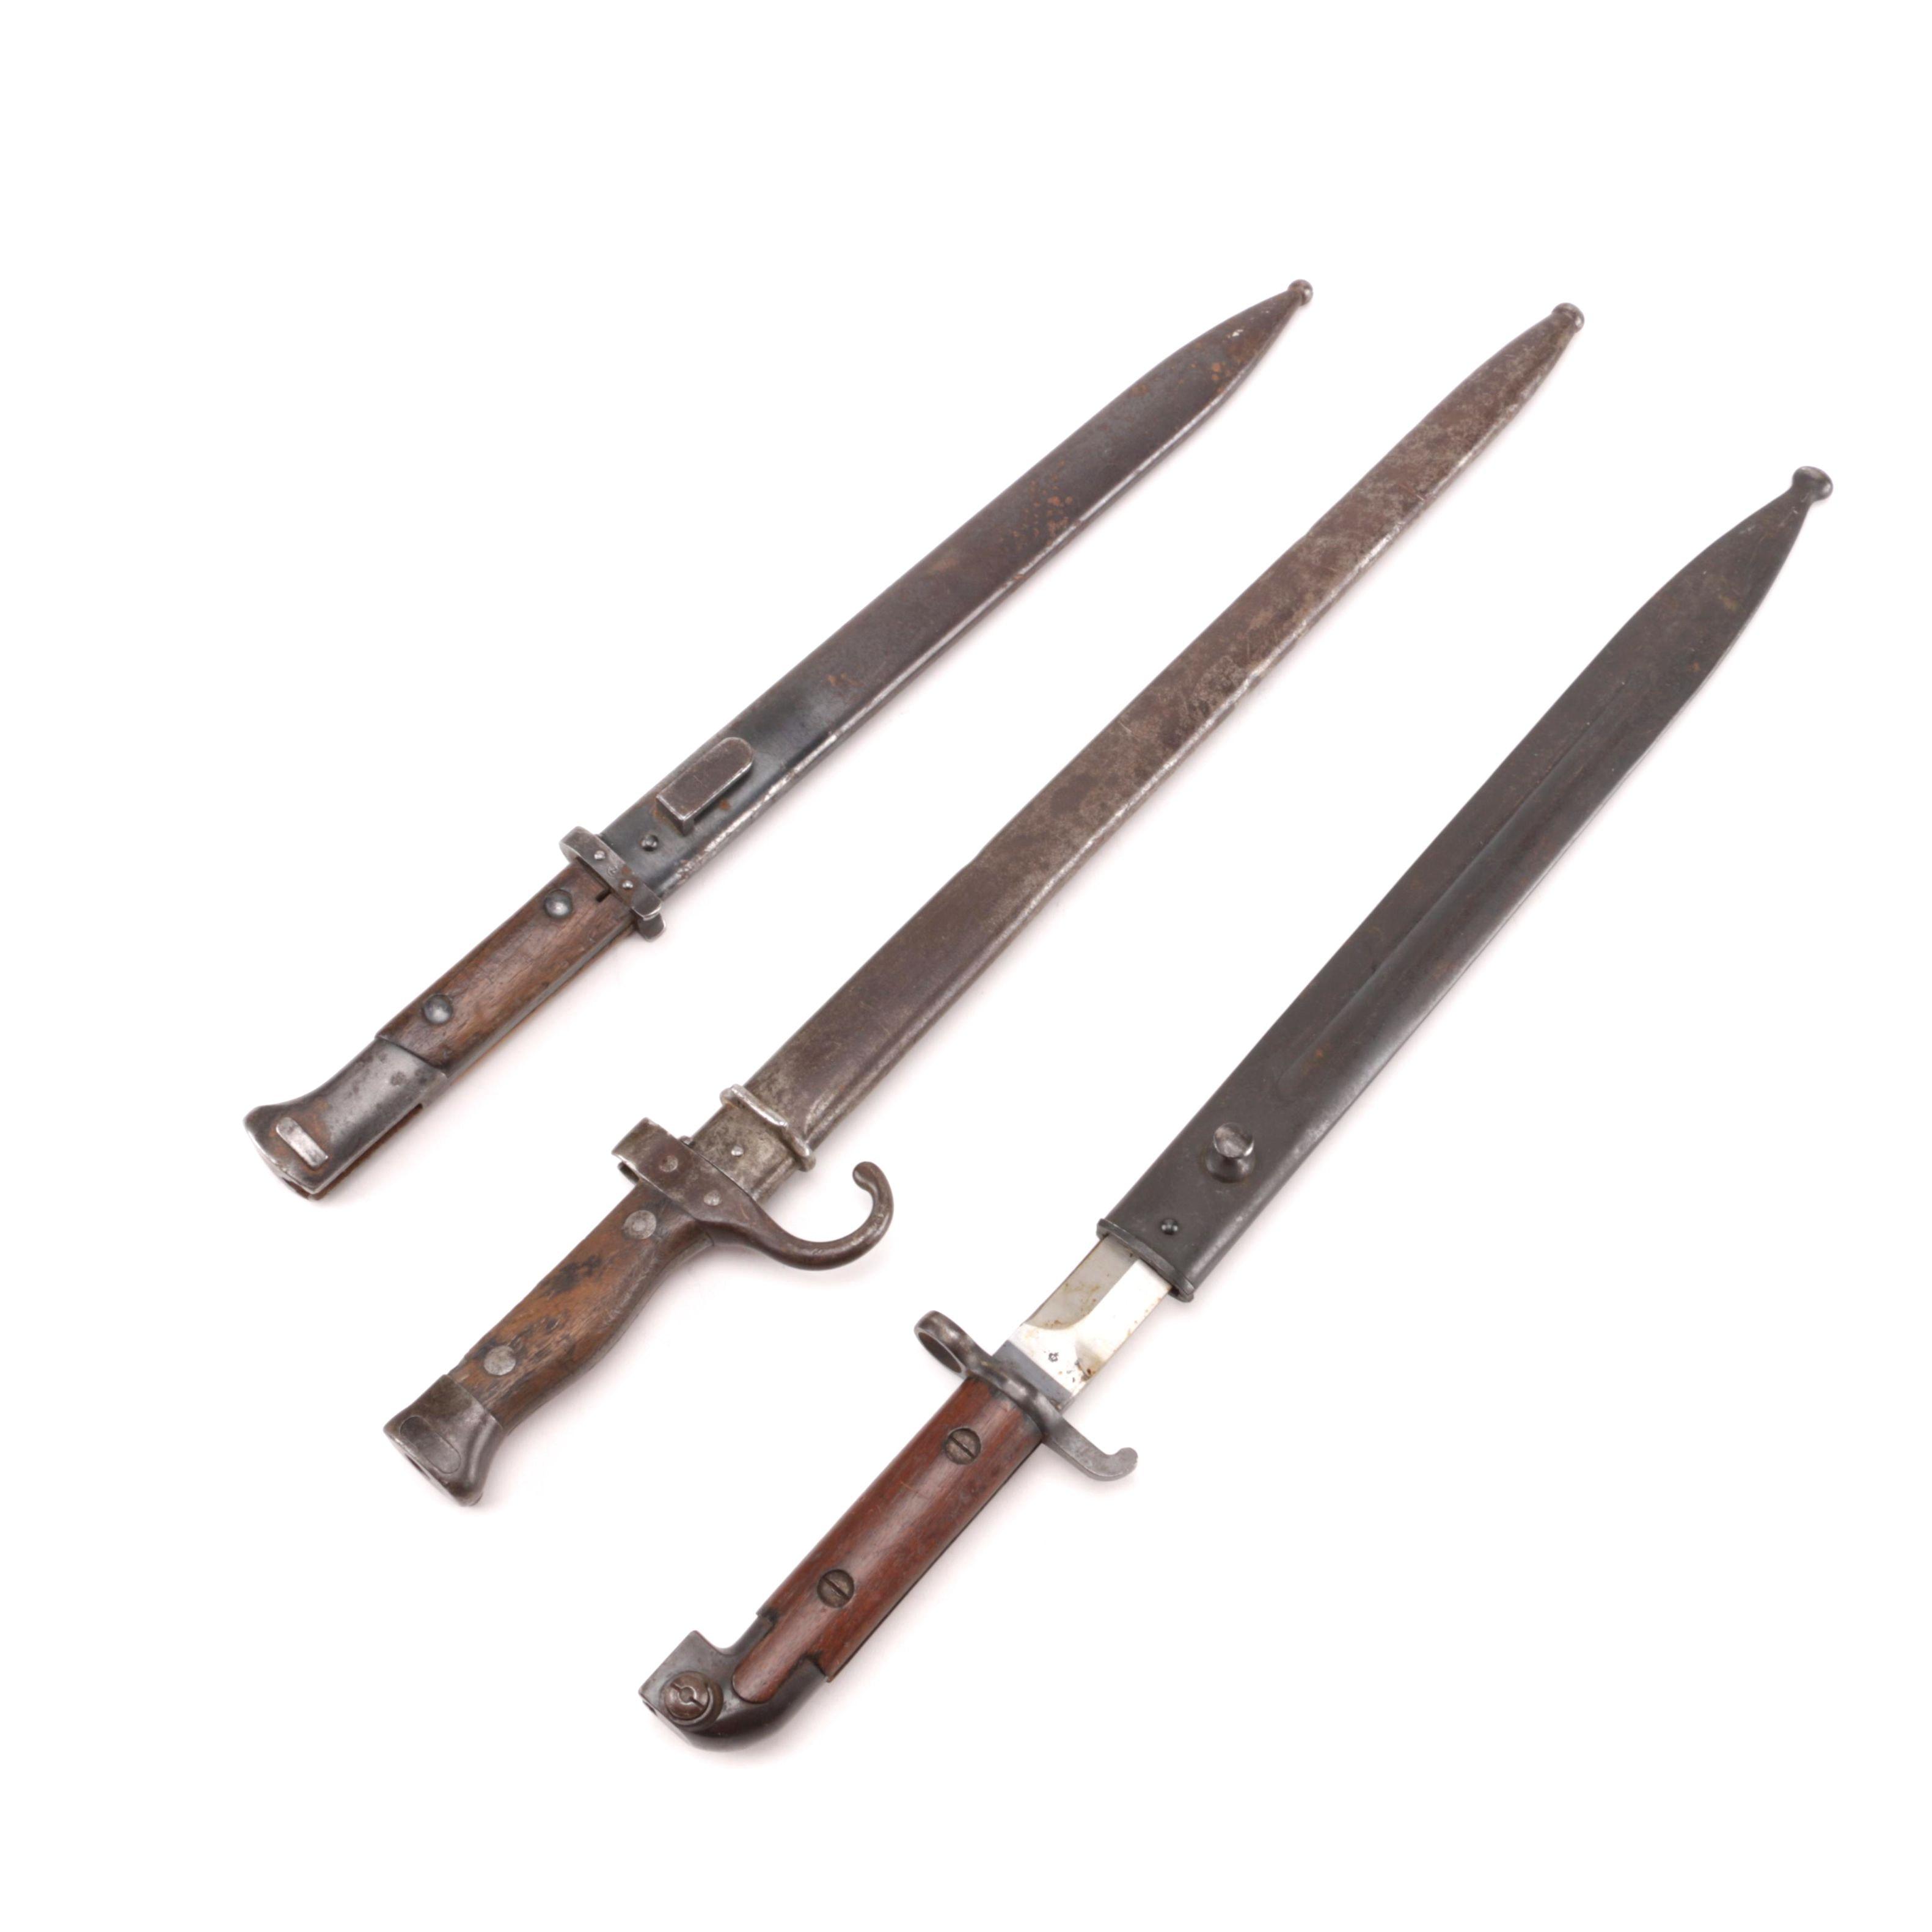 Vintage Bayonet Assortment